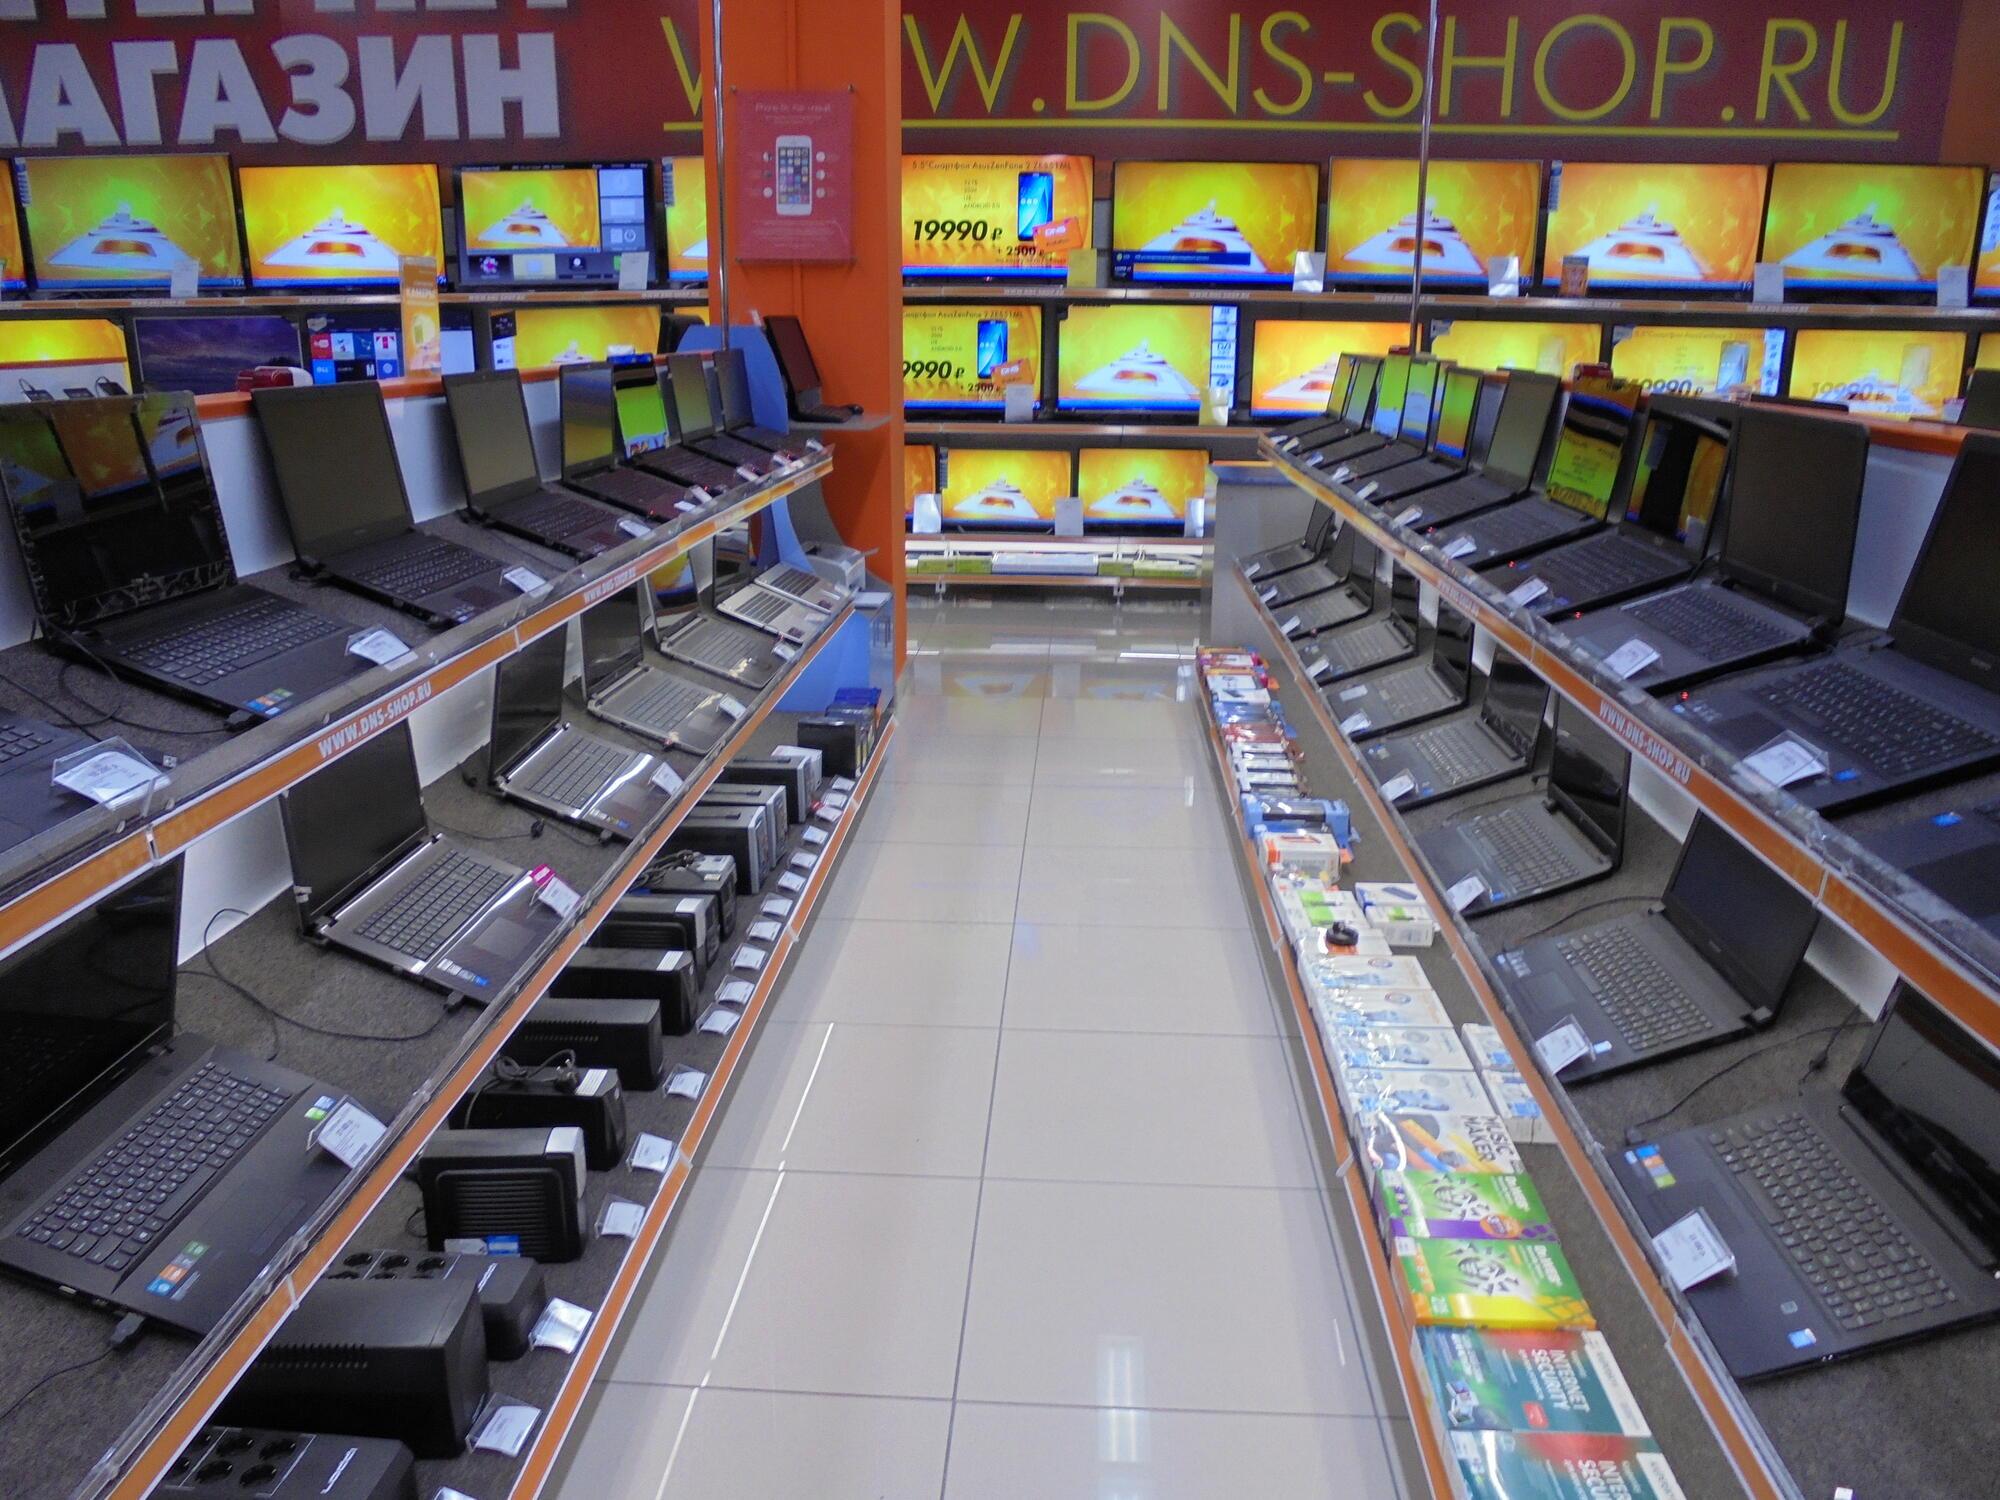 Магазин dns в севастополе официальный сайт как сделать ссылку на официальный сайт